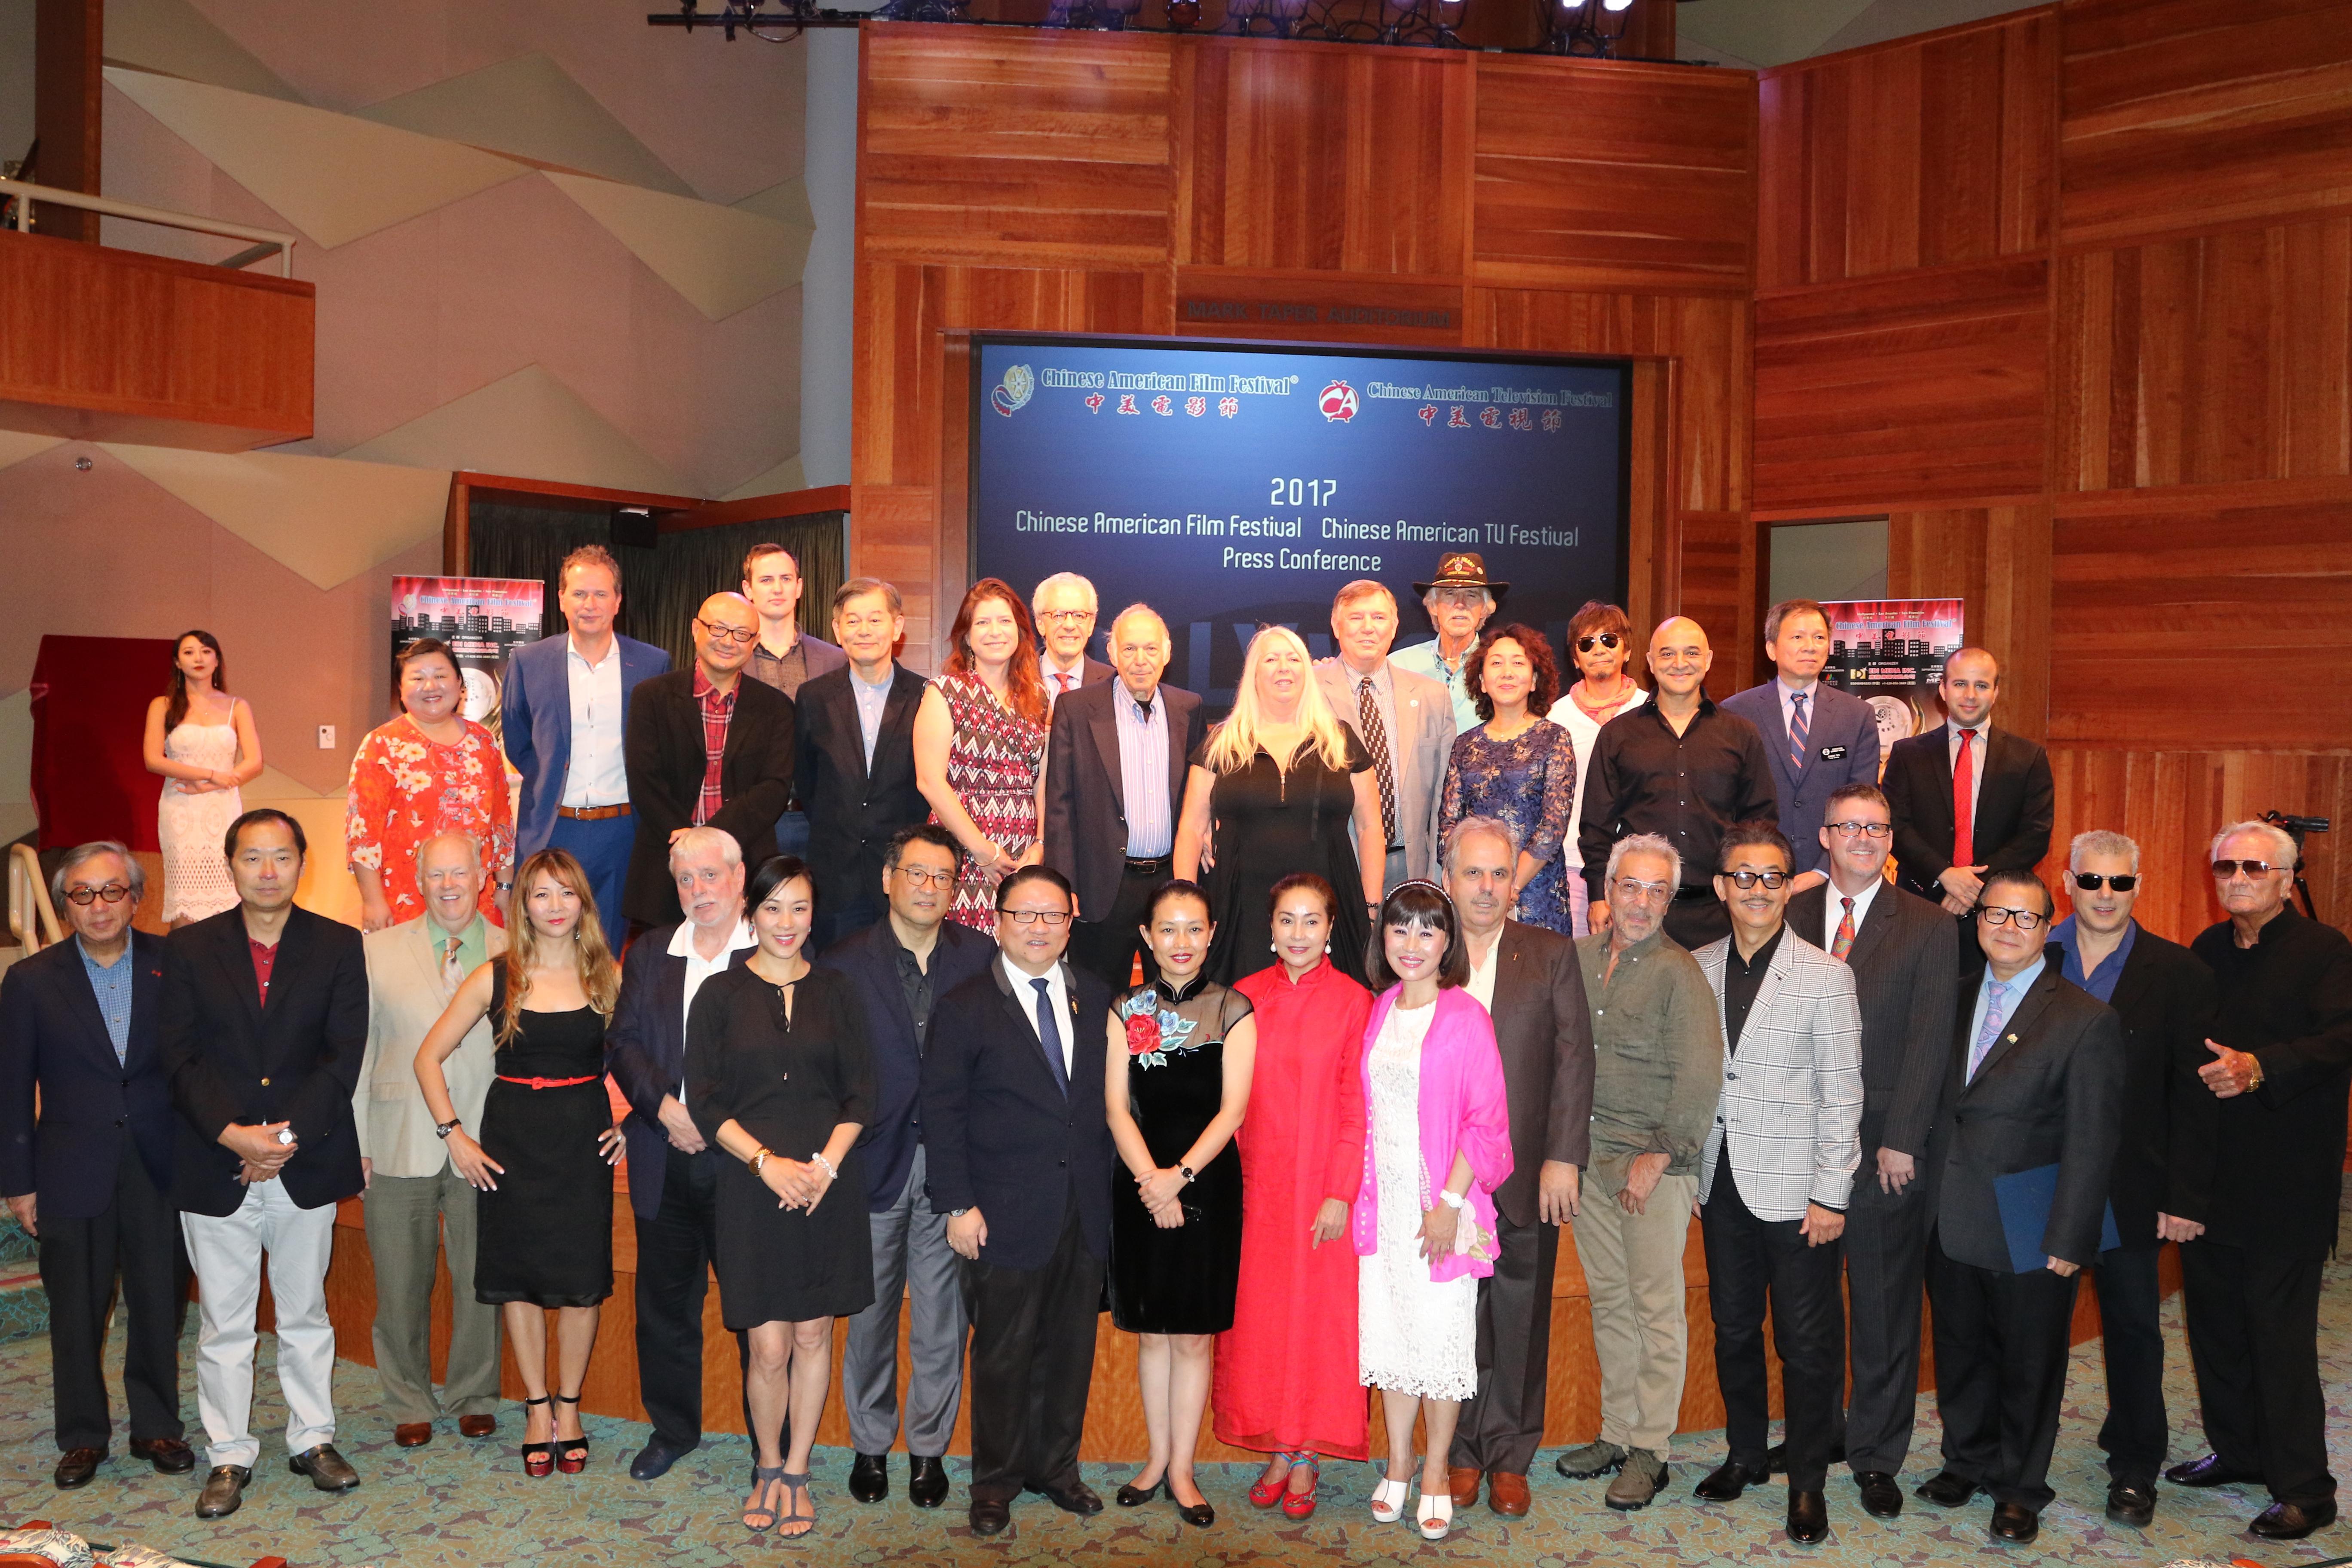 蘇彥韜(前排左8) 與出席的民選官員、影視人士及貴賓們合照。記者黃松攝